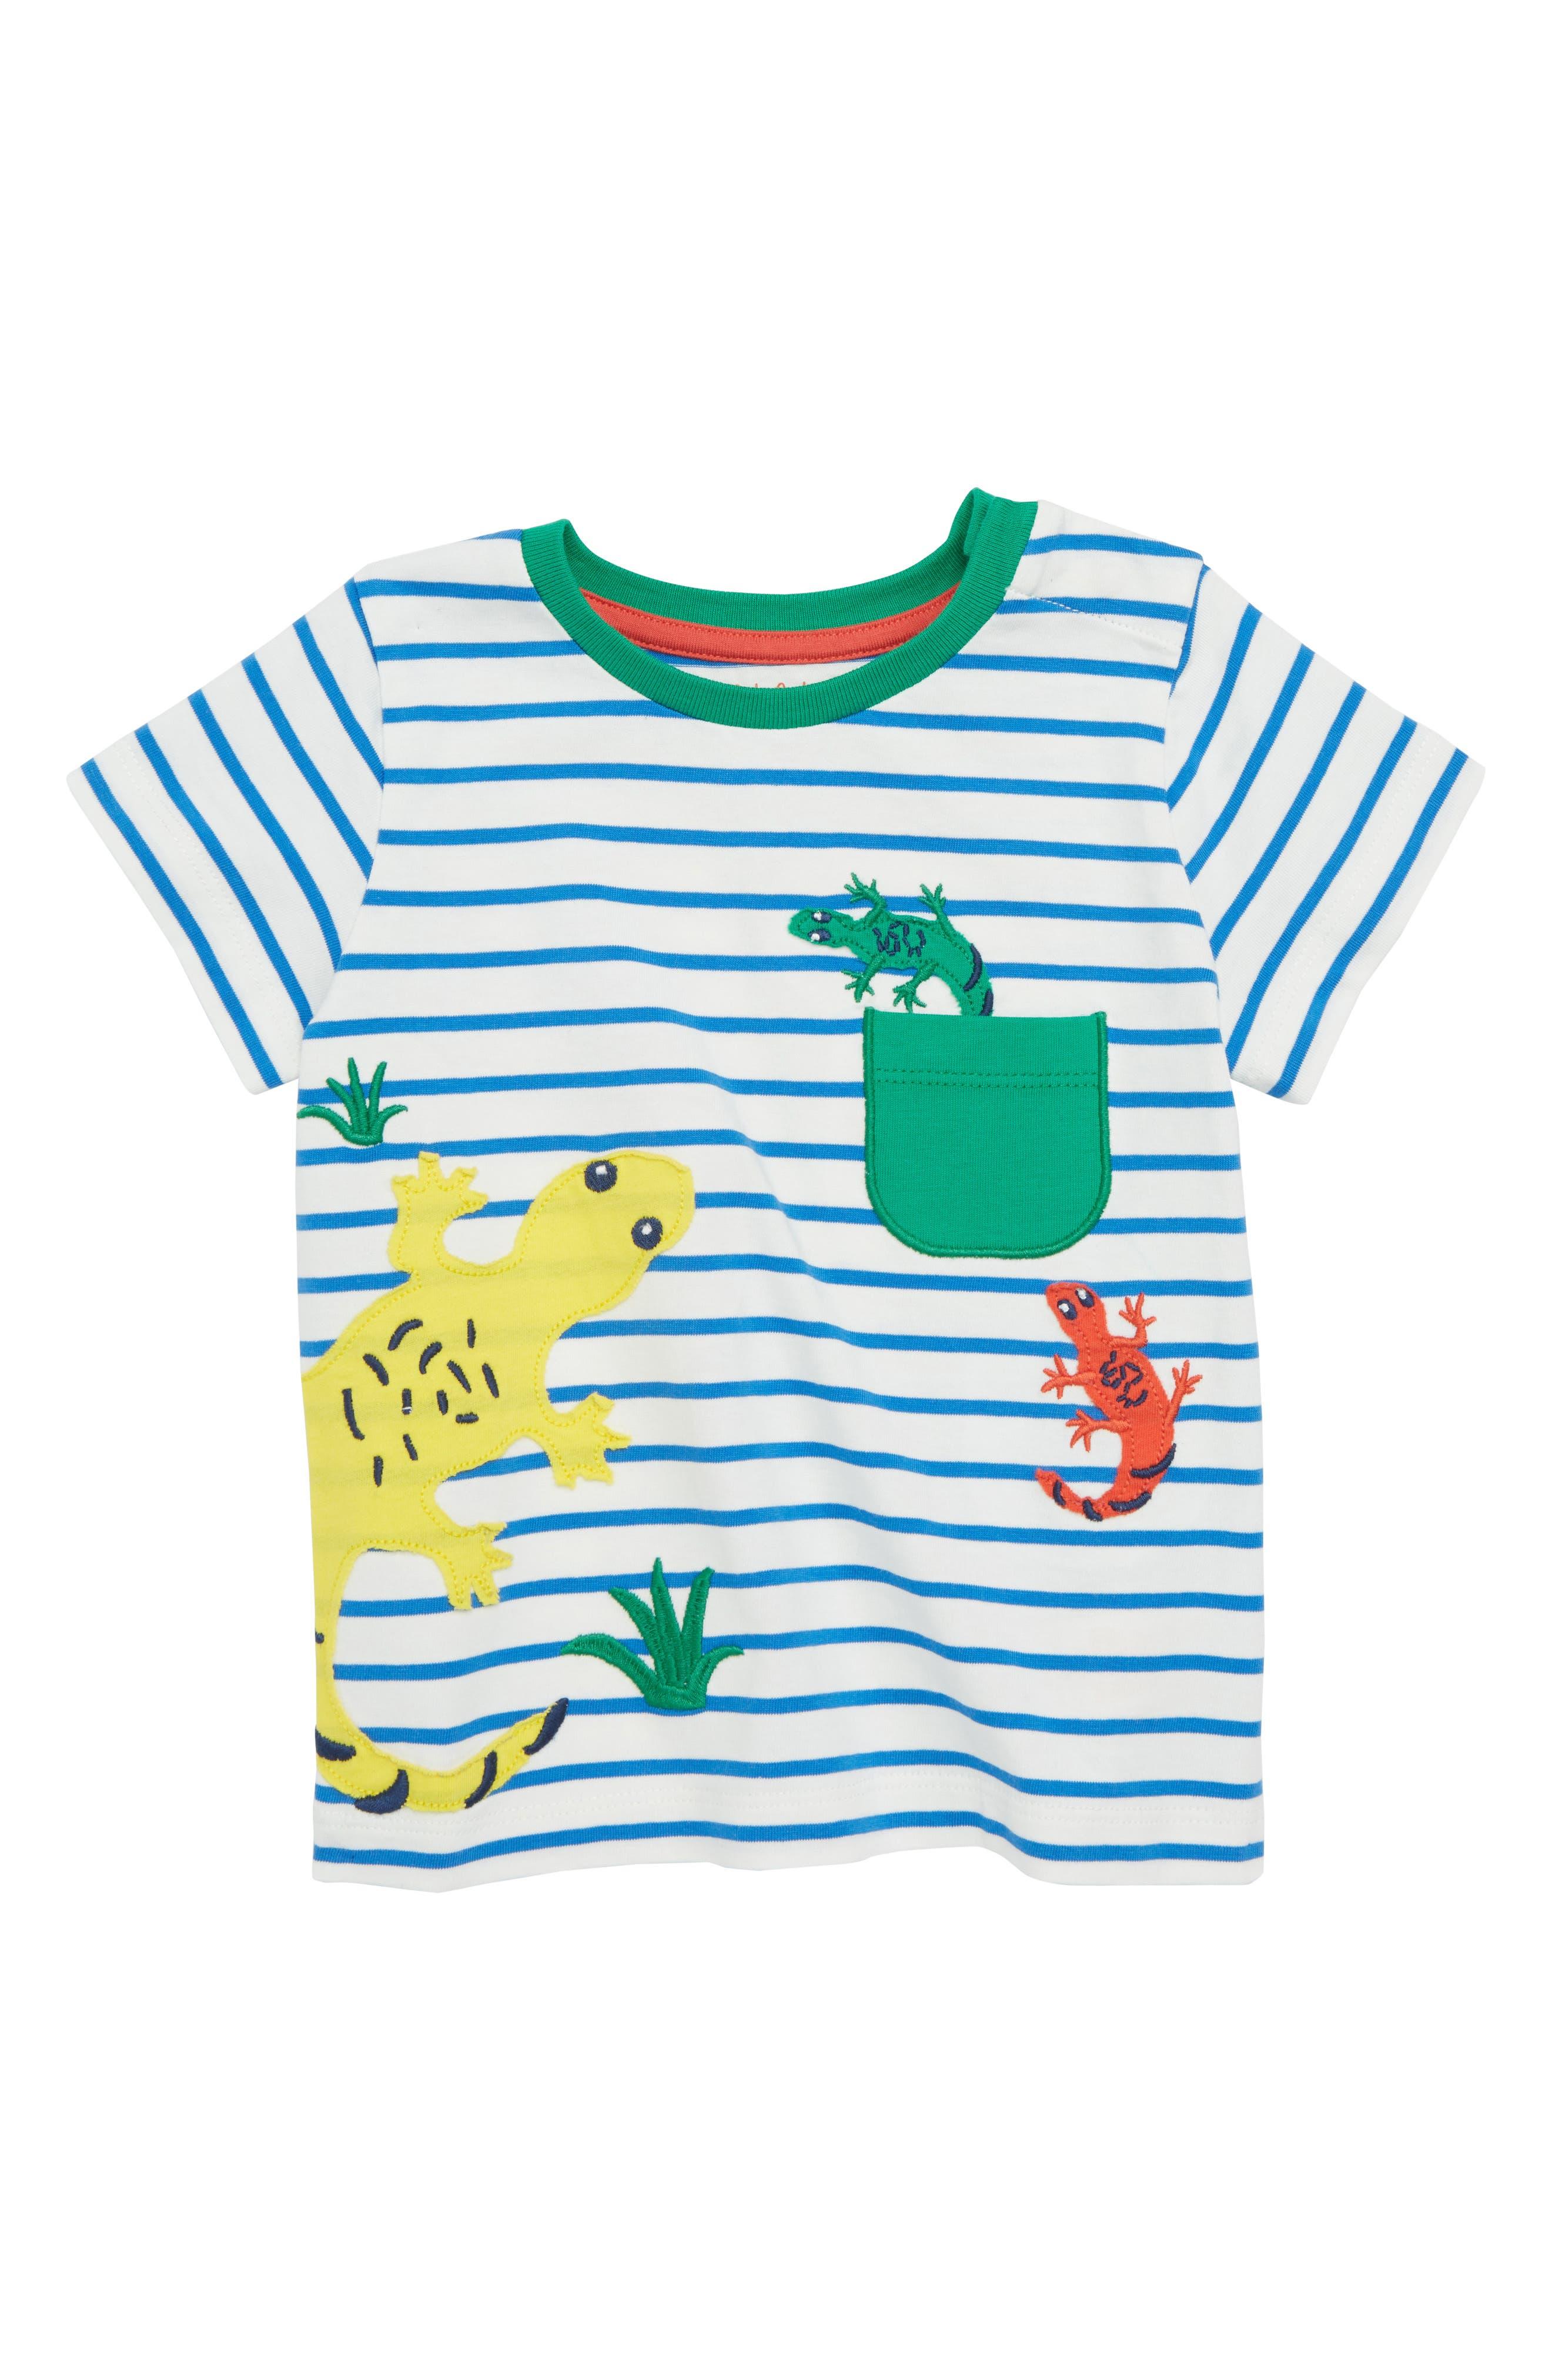 Pocket Friends T-Shirt,                         Main,                         color, 424